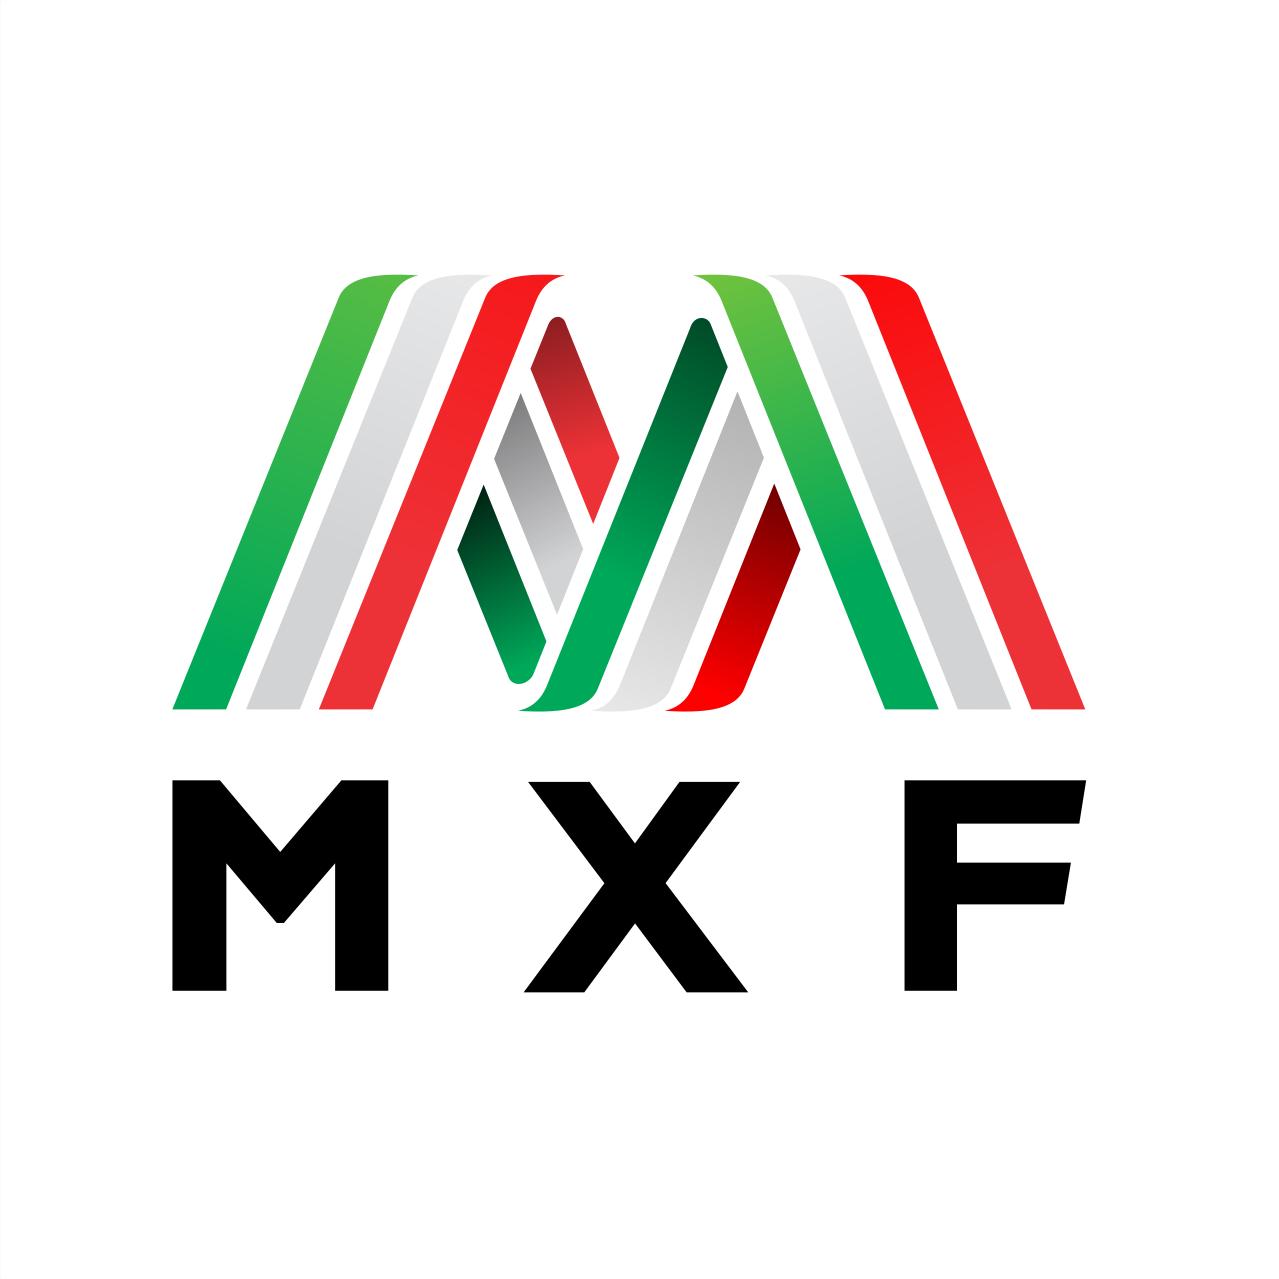 México Fuerte - Logo design for non-profit rebuilding México sustainably!